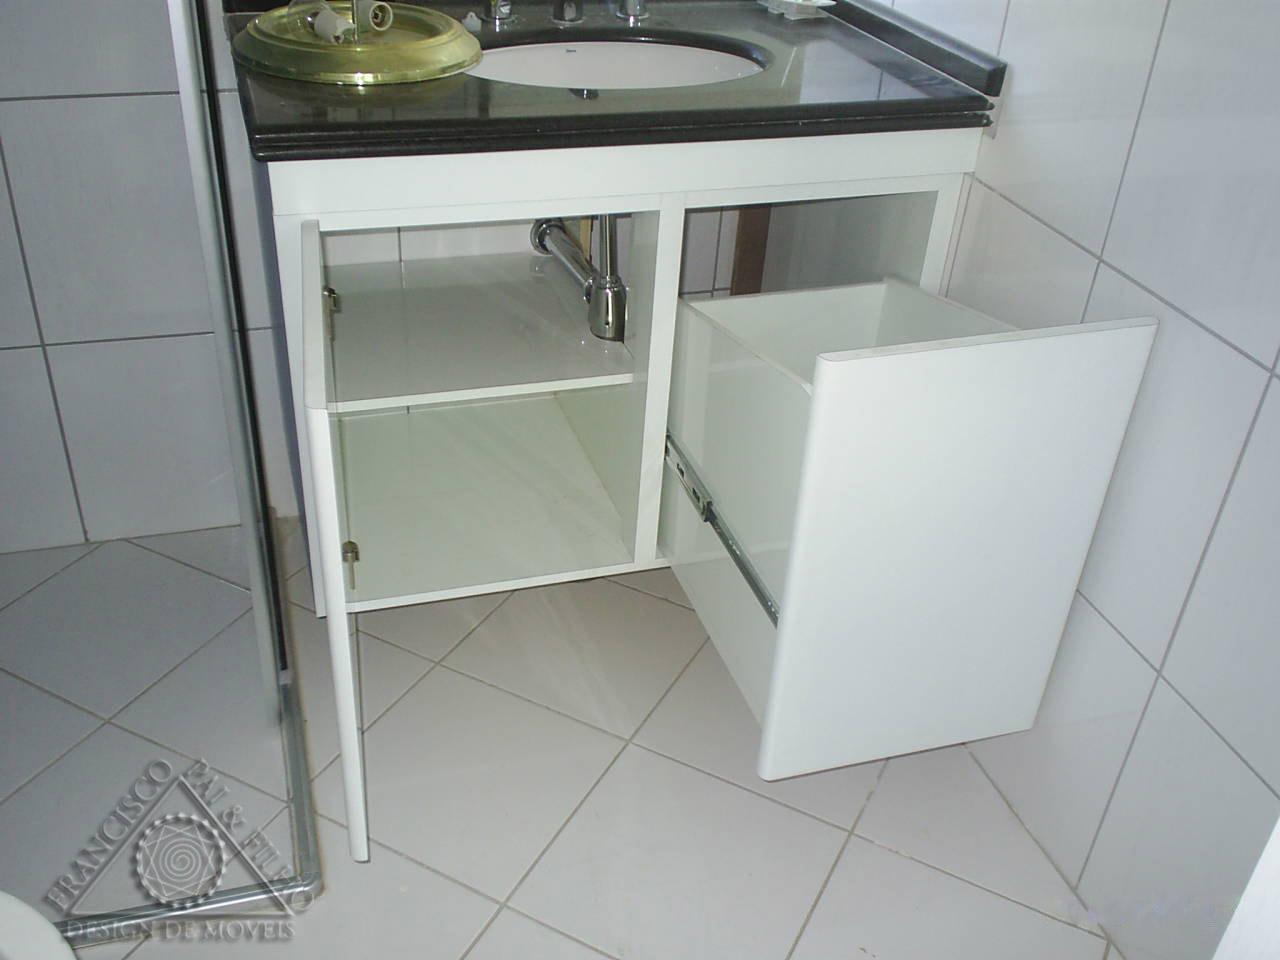 Francisco Pai & Filho: Gabinete de Banheiro com Cesto de Roupa #676949 1280 960